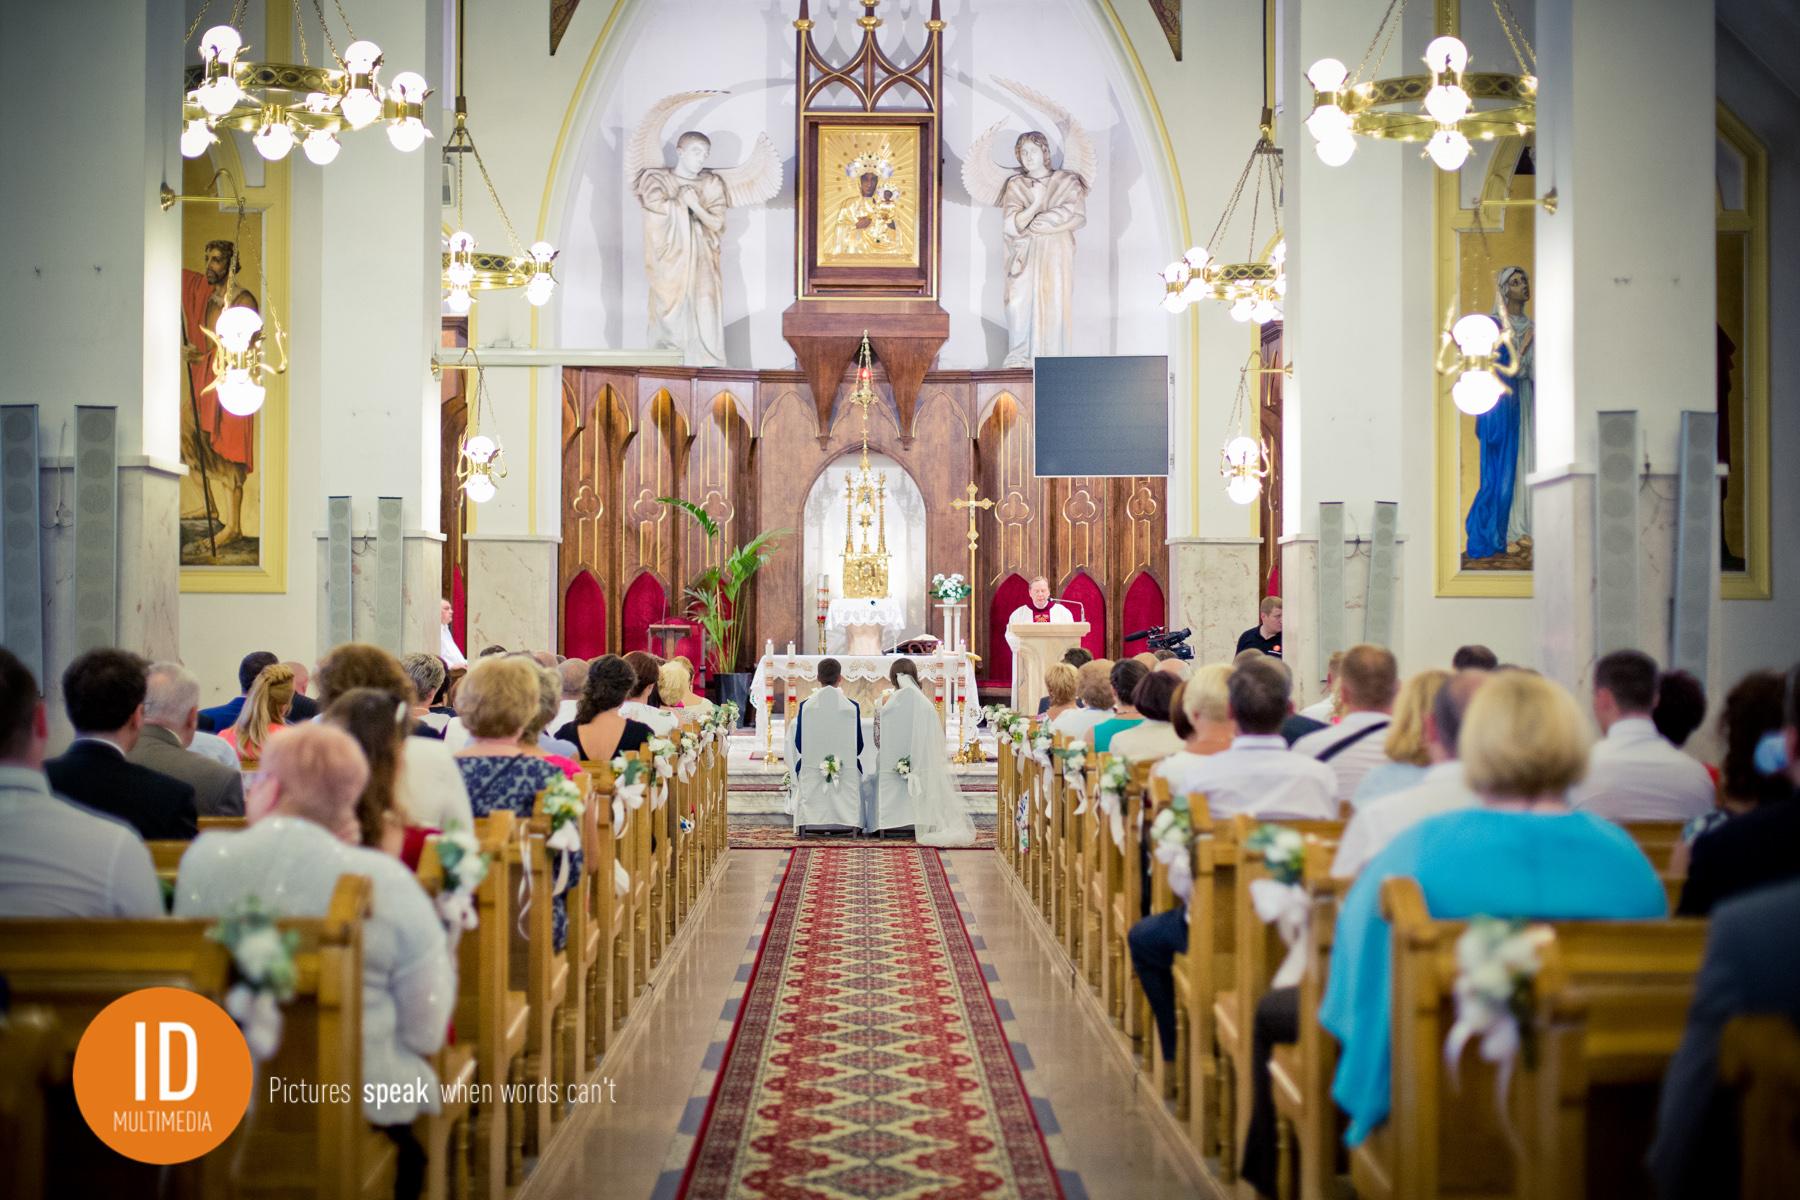 Ślub kościelny Marleny i Tomasza zdjęcia ślubne IdMultimedia